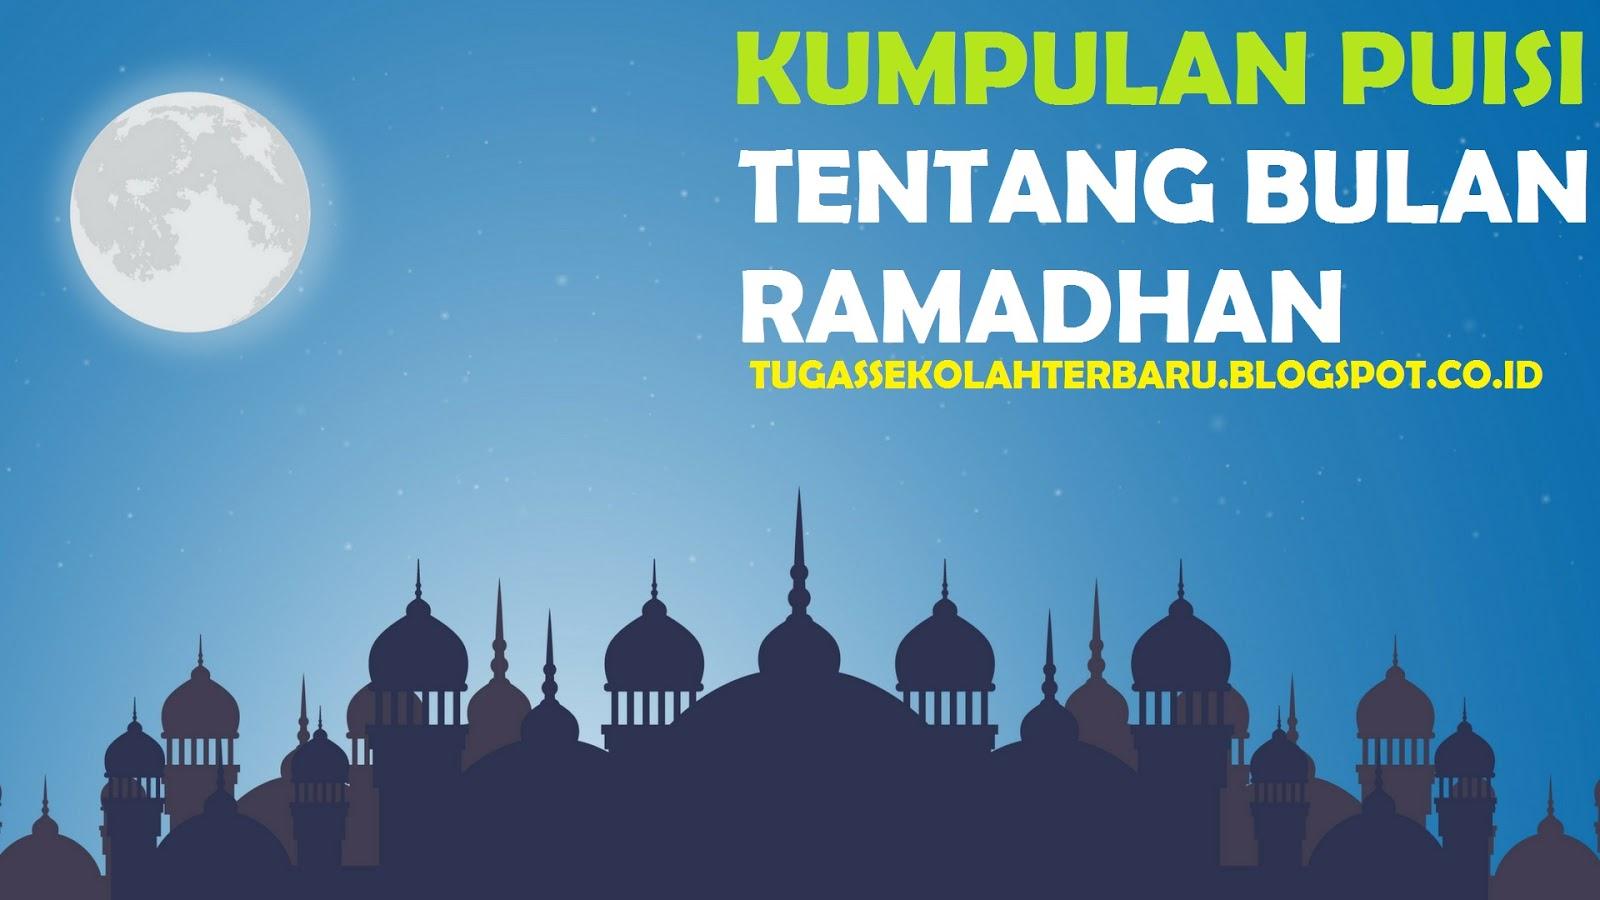 Kumpulan Puisi Tentang Bulan Puasa Ramadhan Lengkap ...